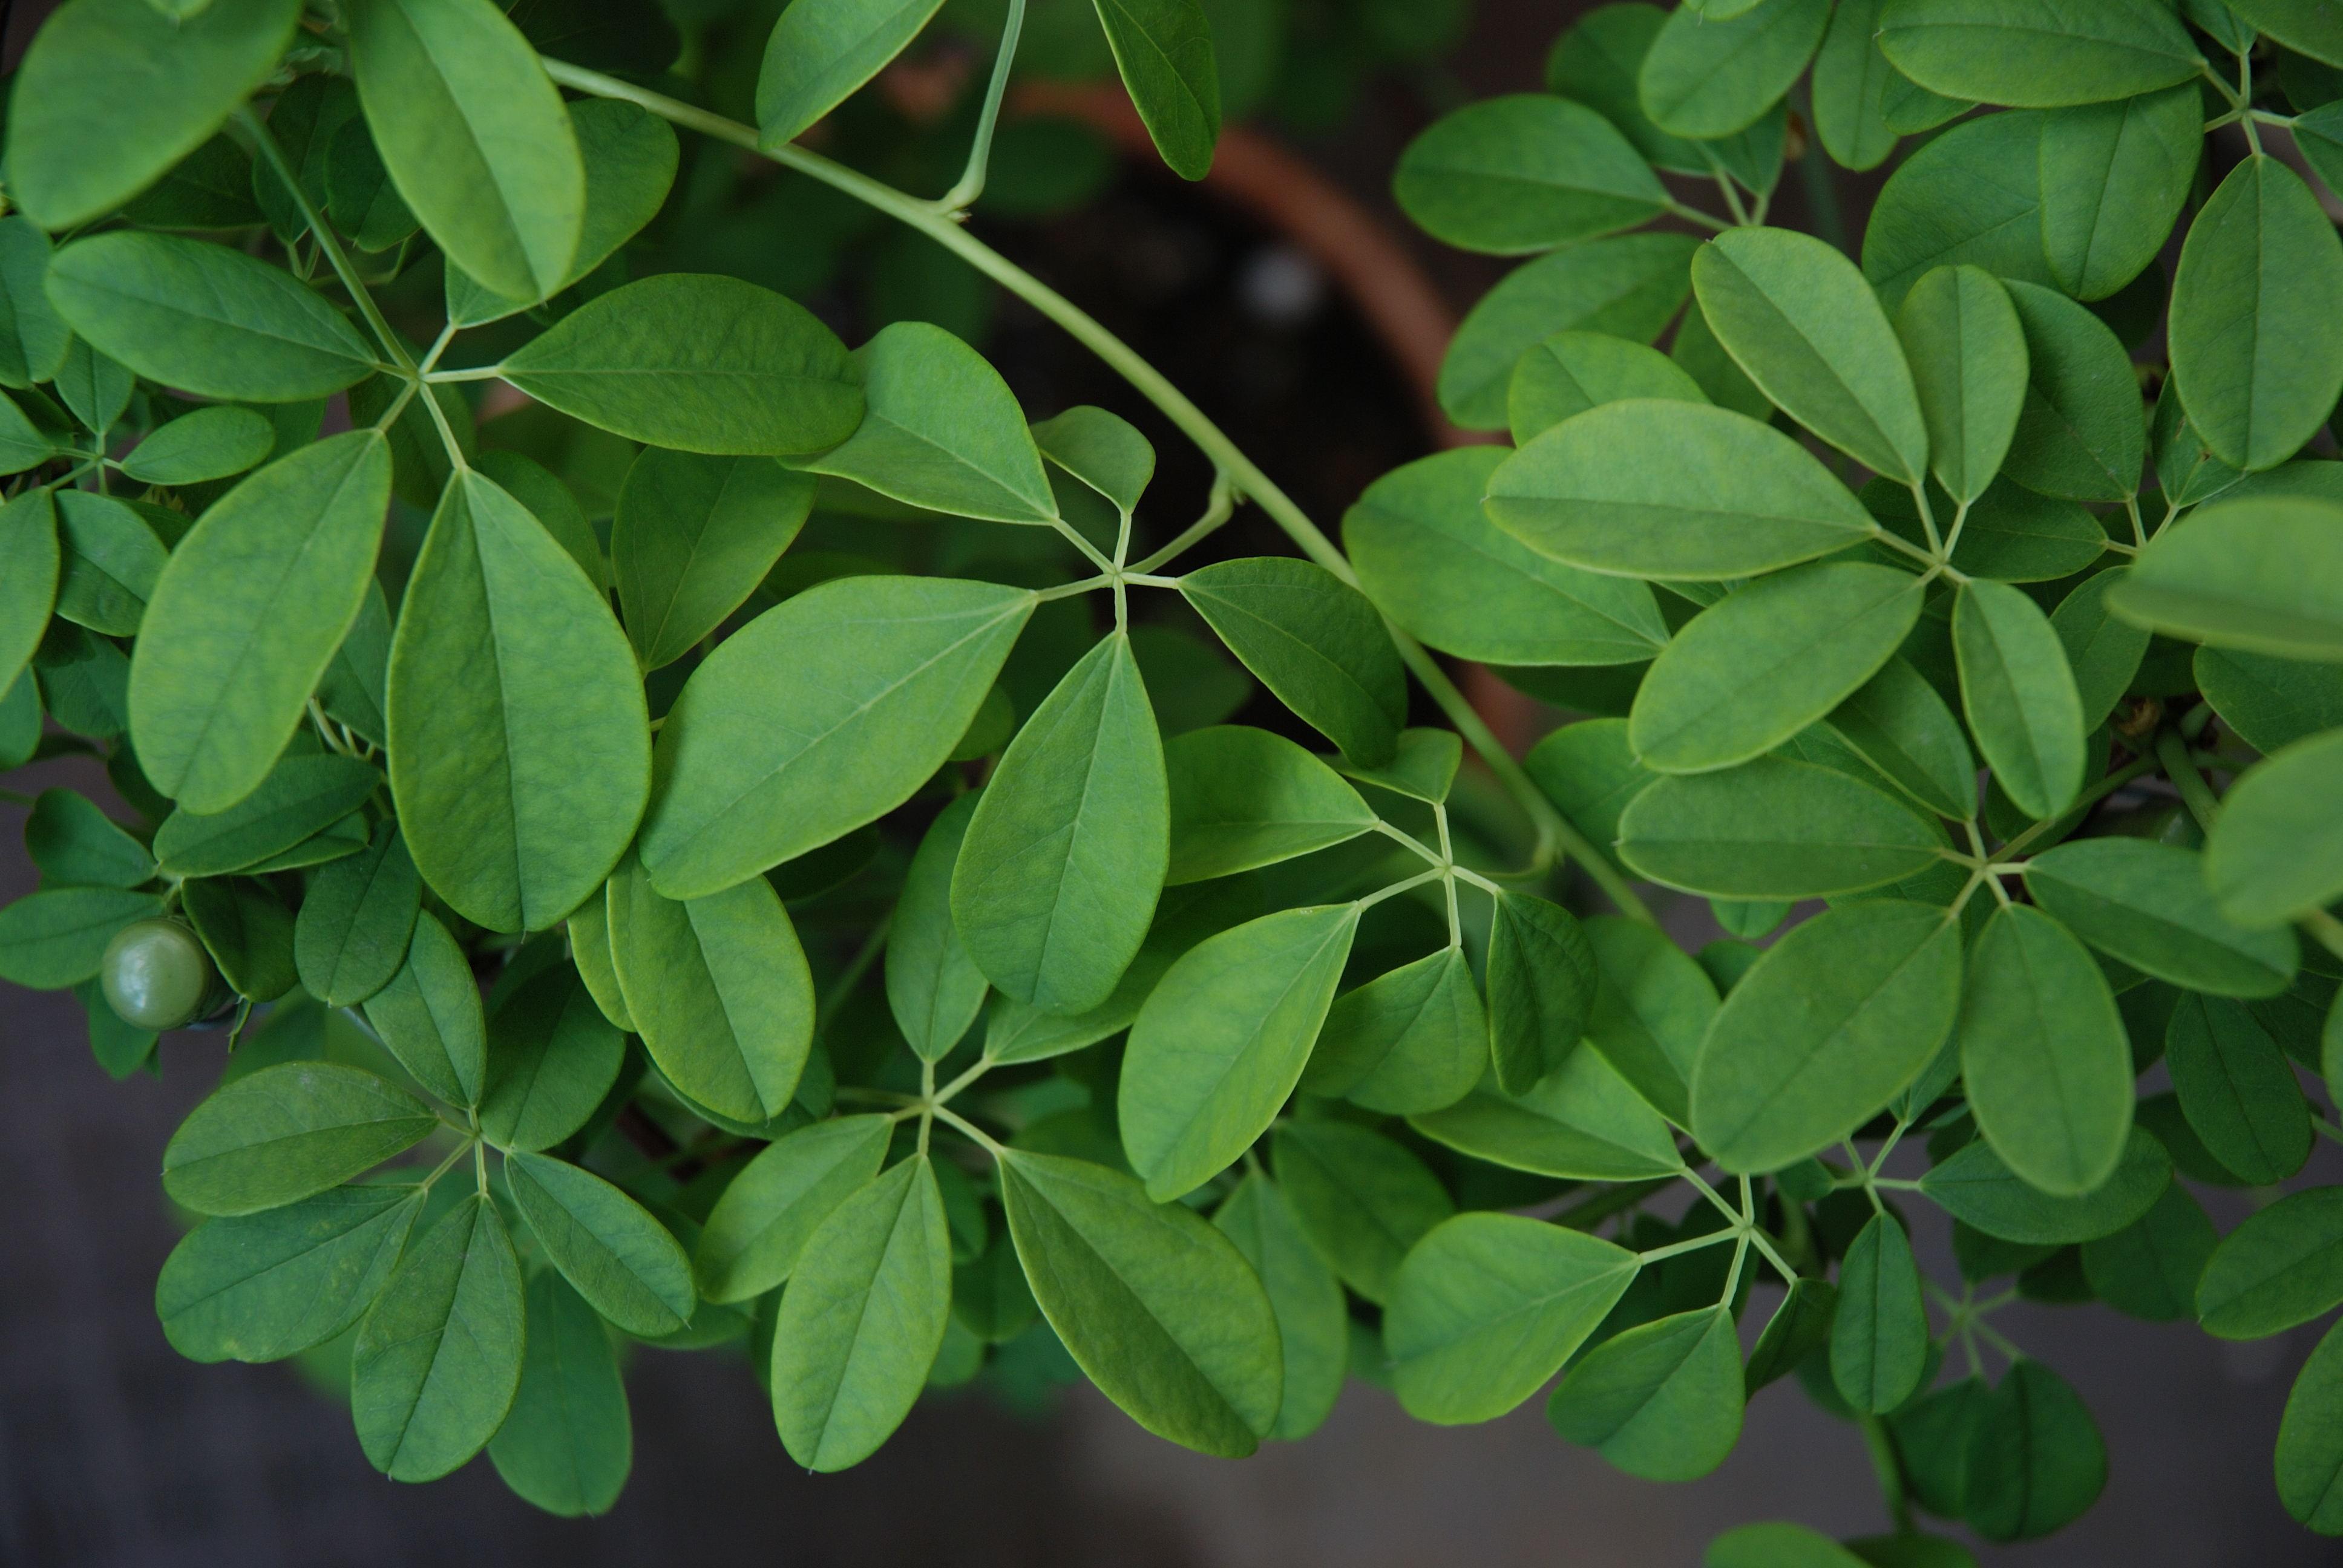 File:Akebia quinata leaf.jpg - Wikimedia Commons